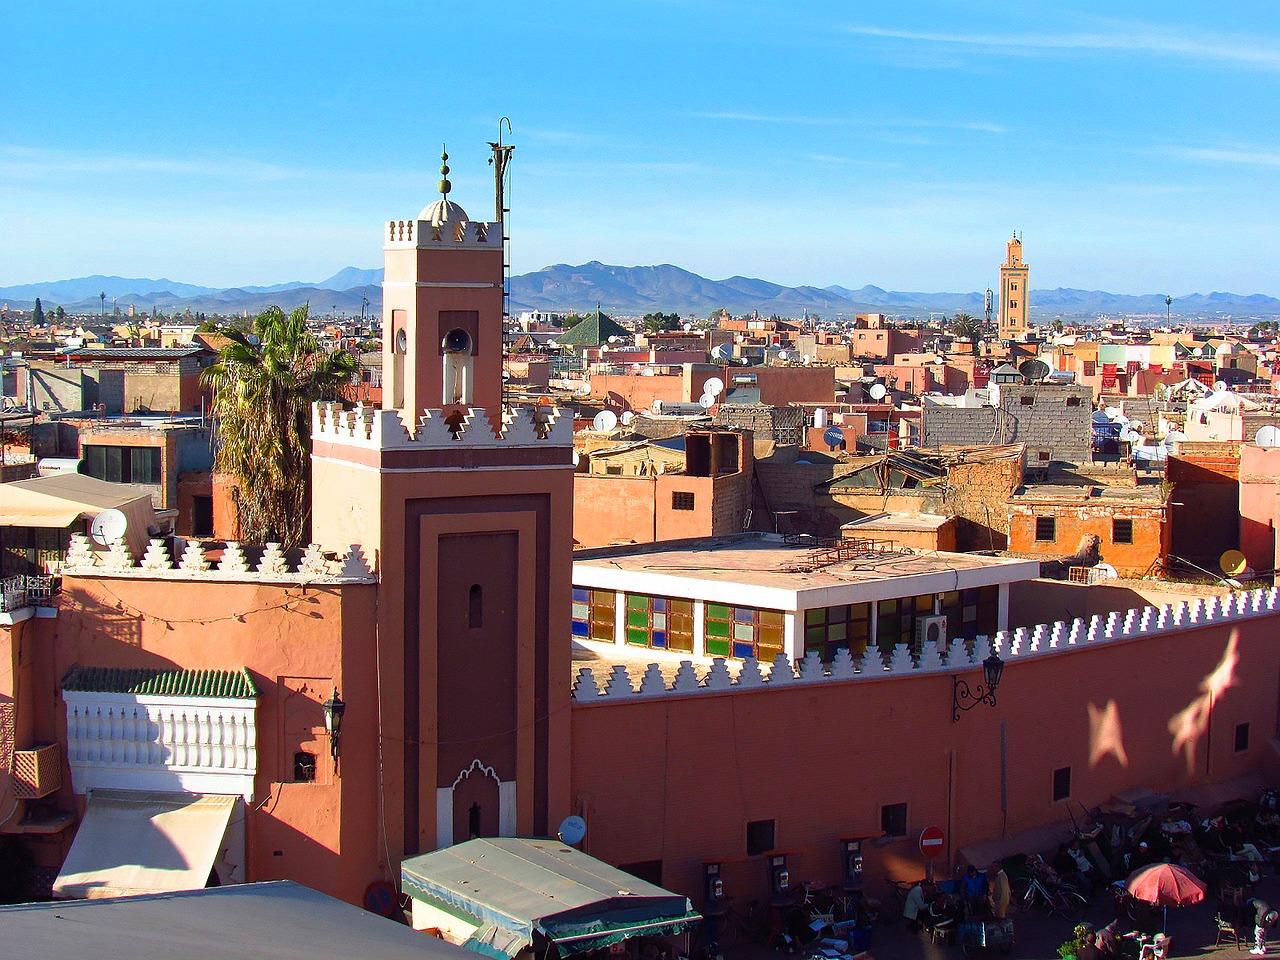 4 Sterne Hotel in Marrakesch - Halbpension